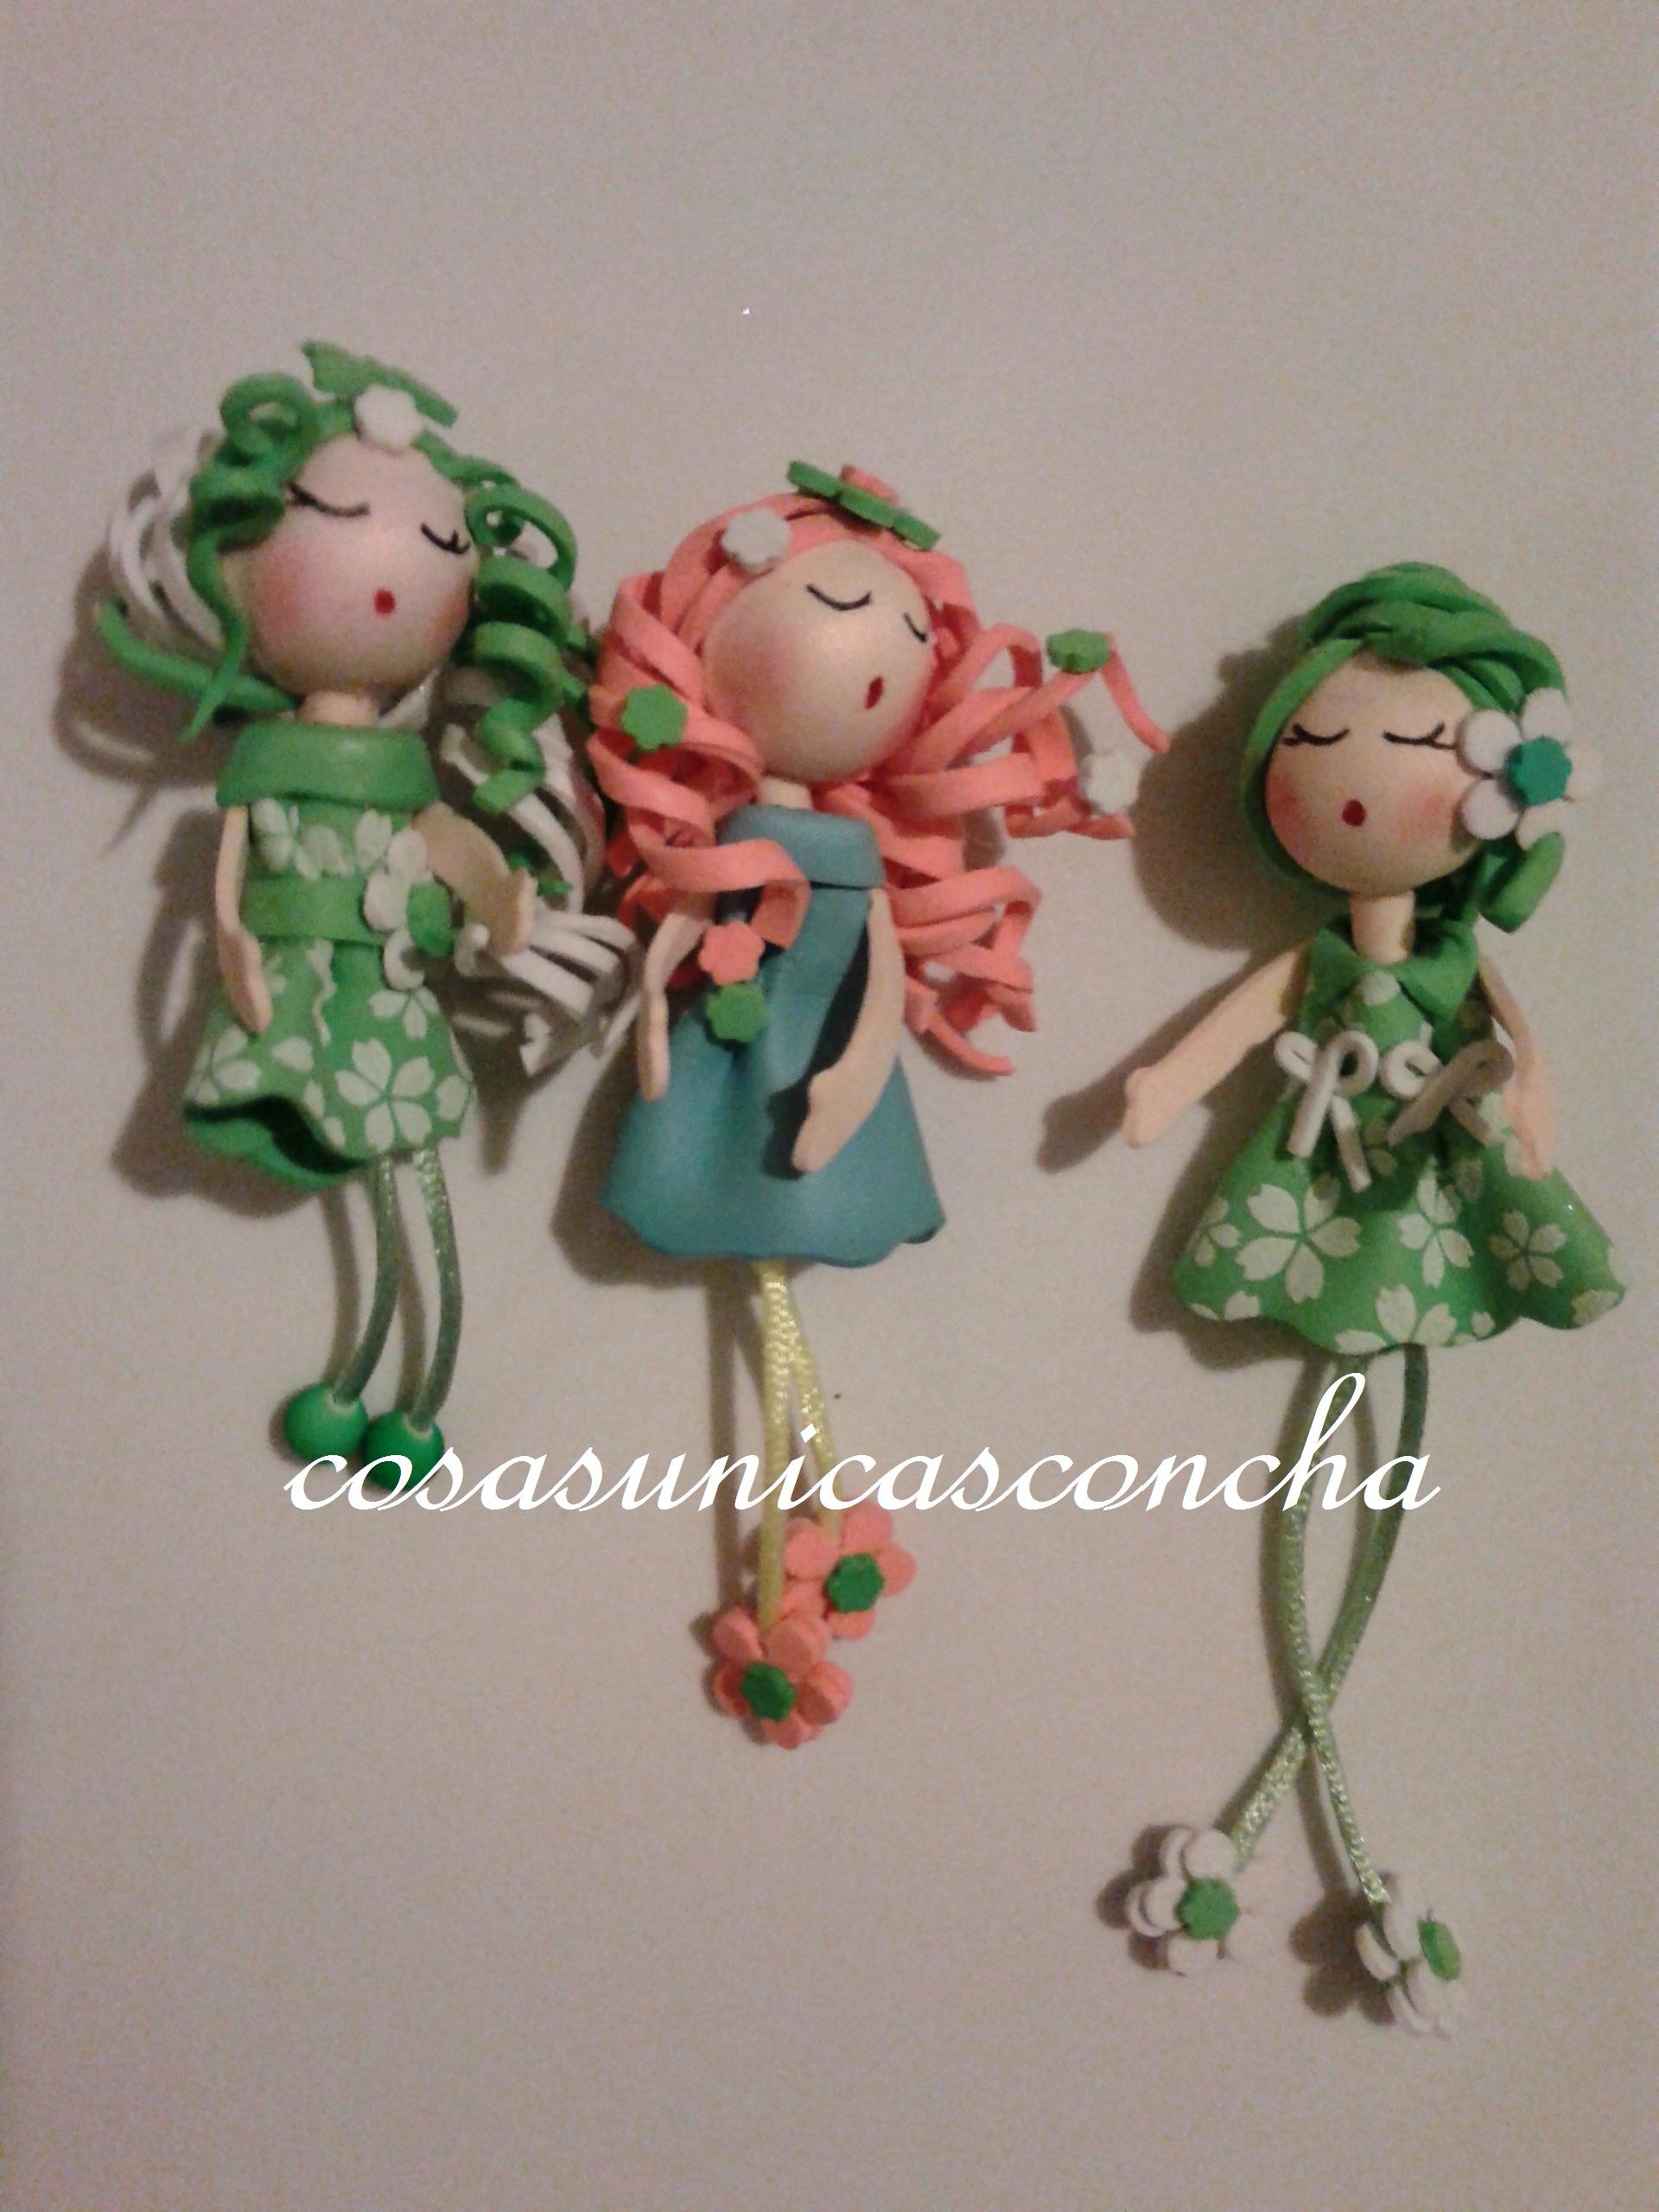 39b8f03b708 Broches de muñecas de goma eva